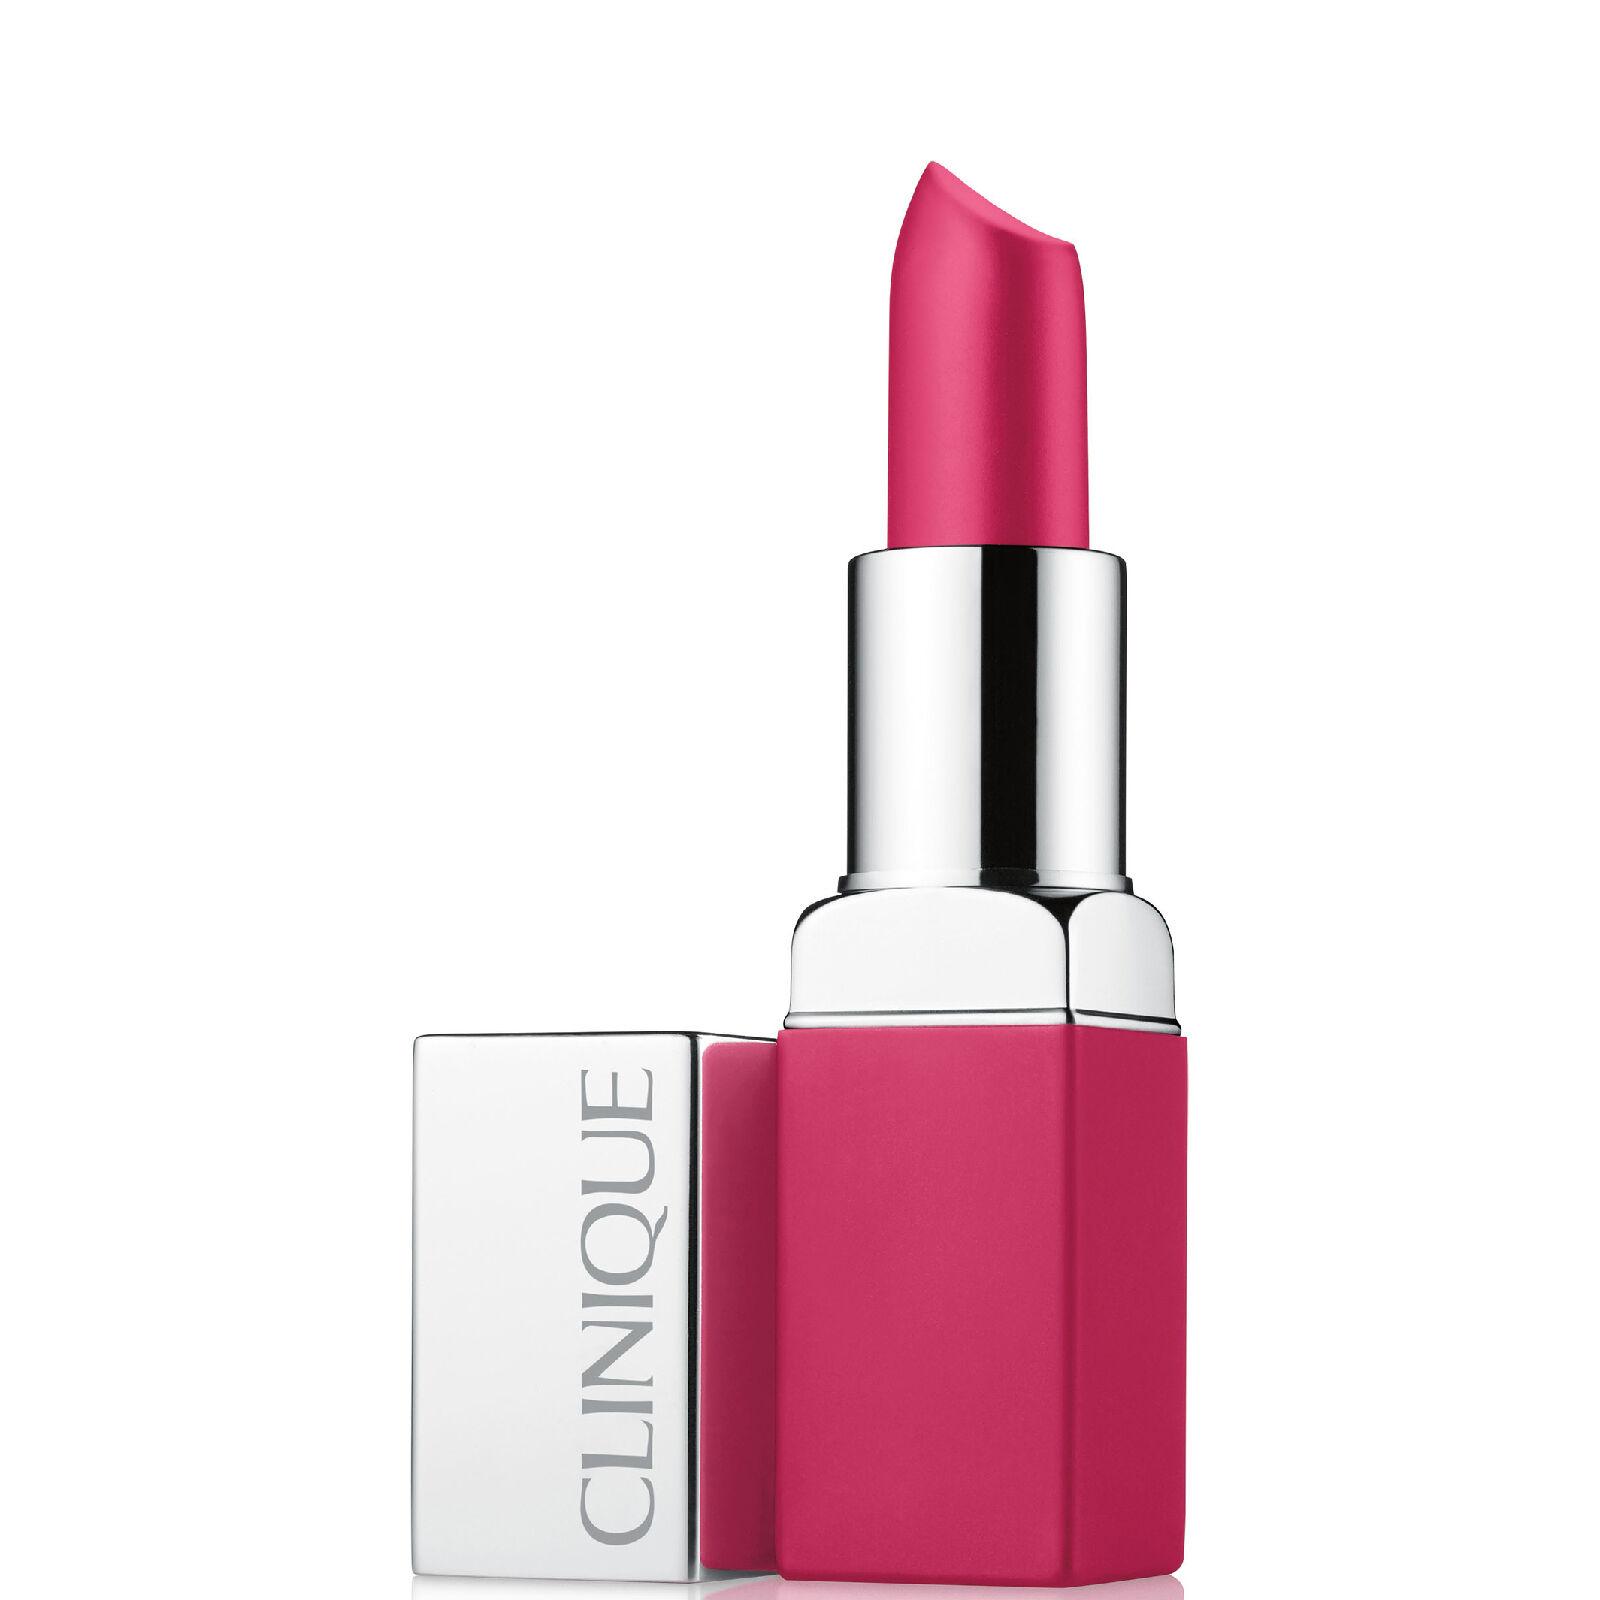 Clinique Pop rouge à lèvres mat et base3.9g Primer (couleurs variées) - Rose Pop